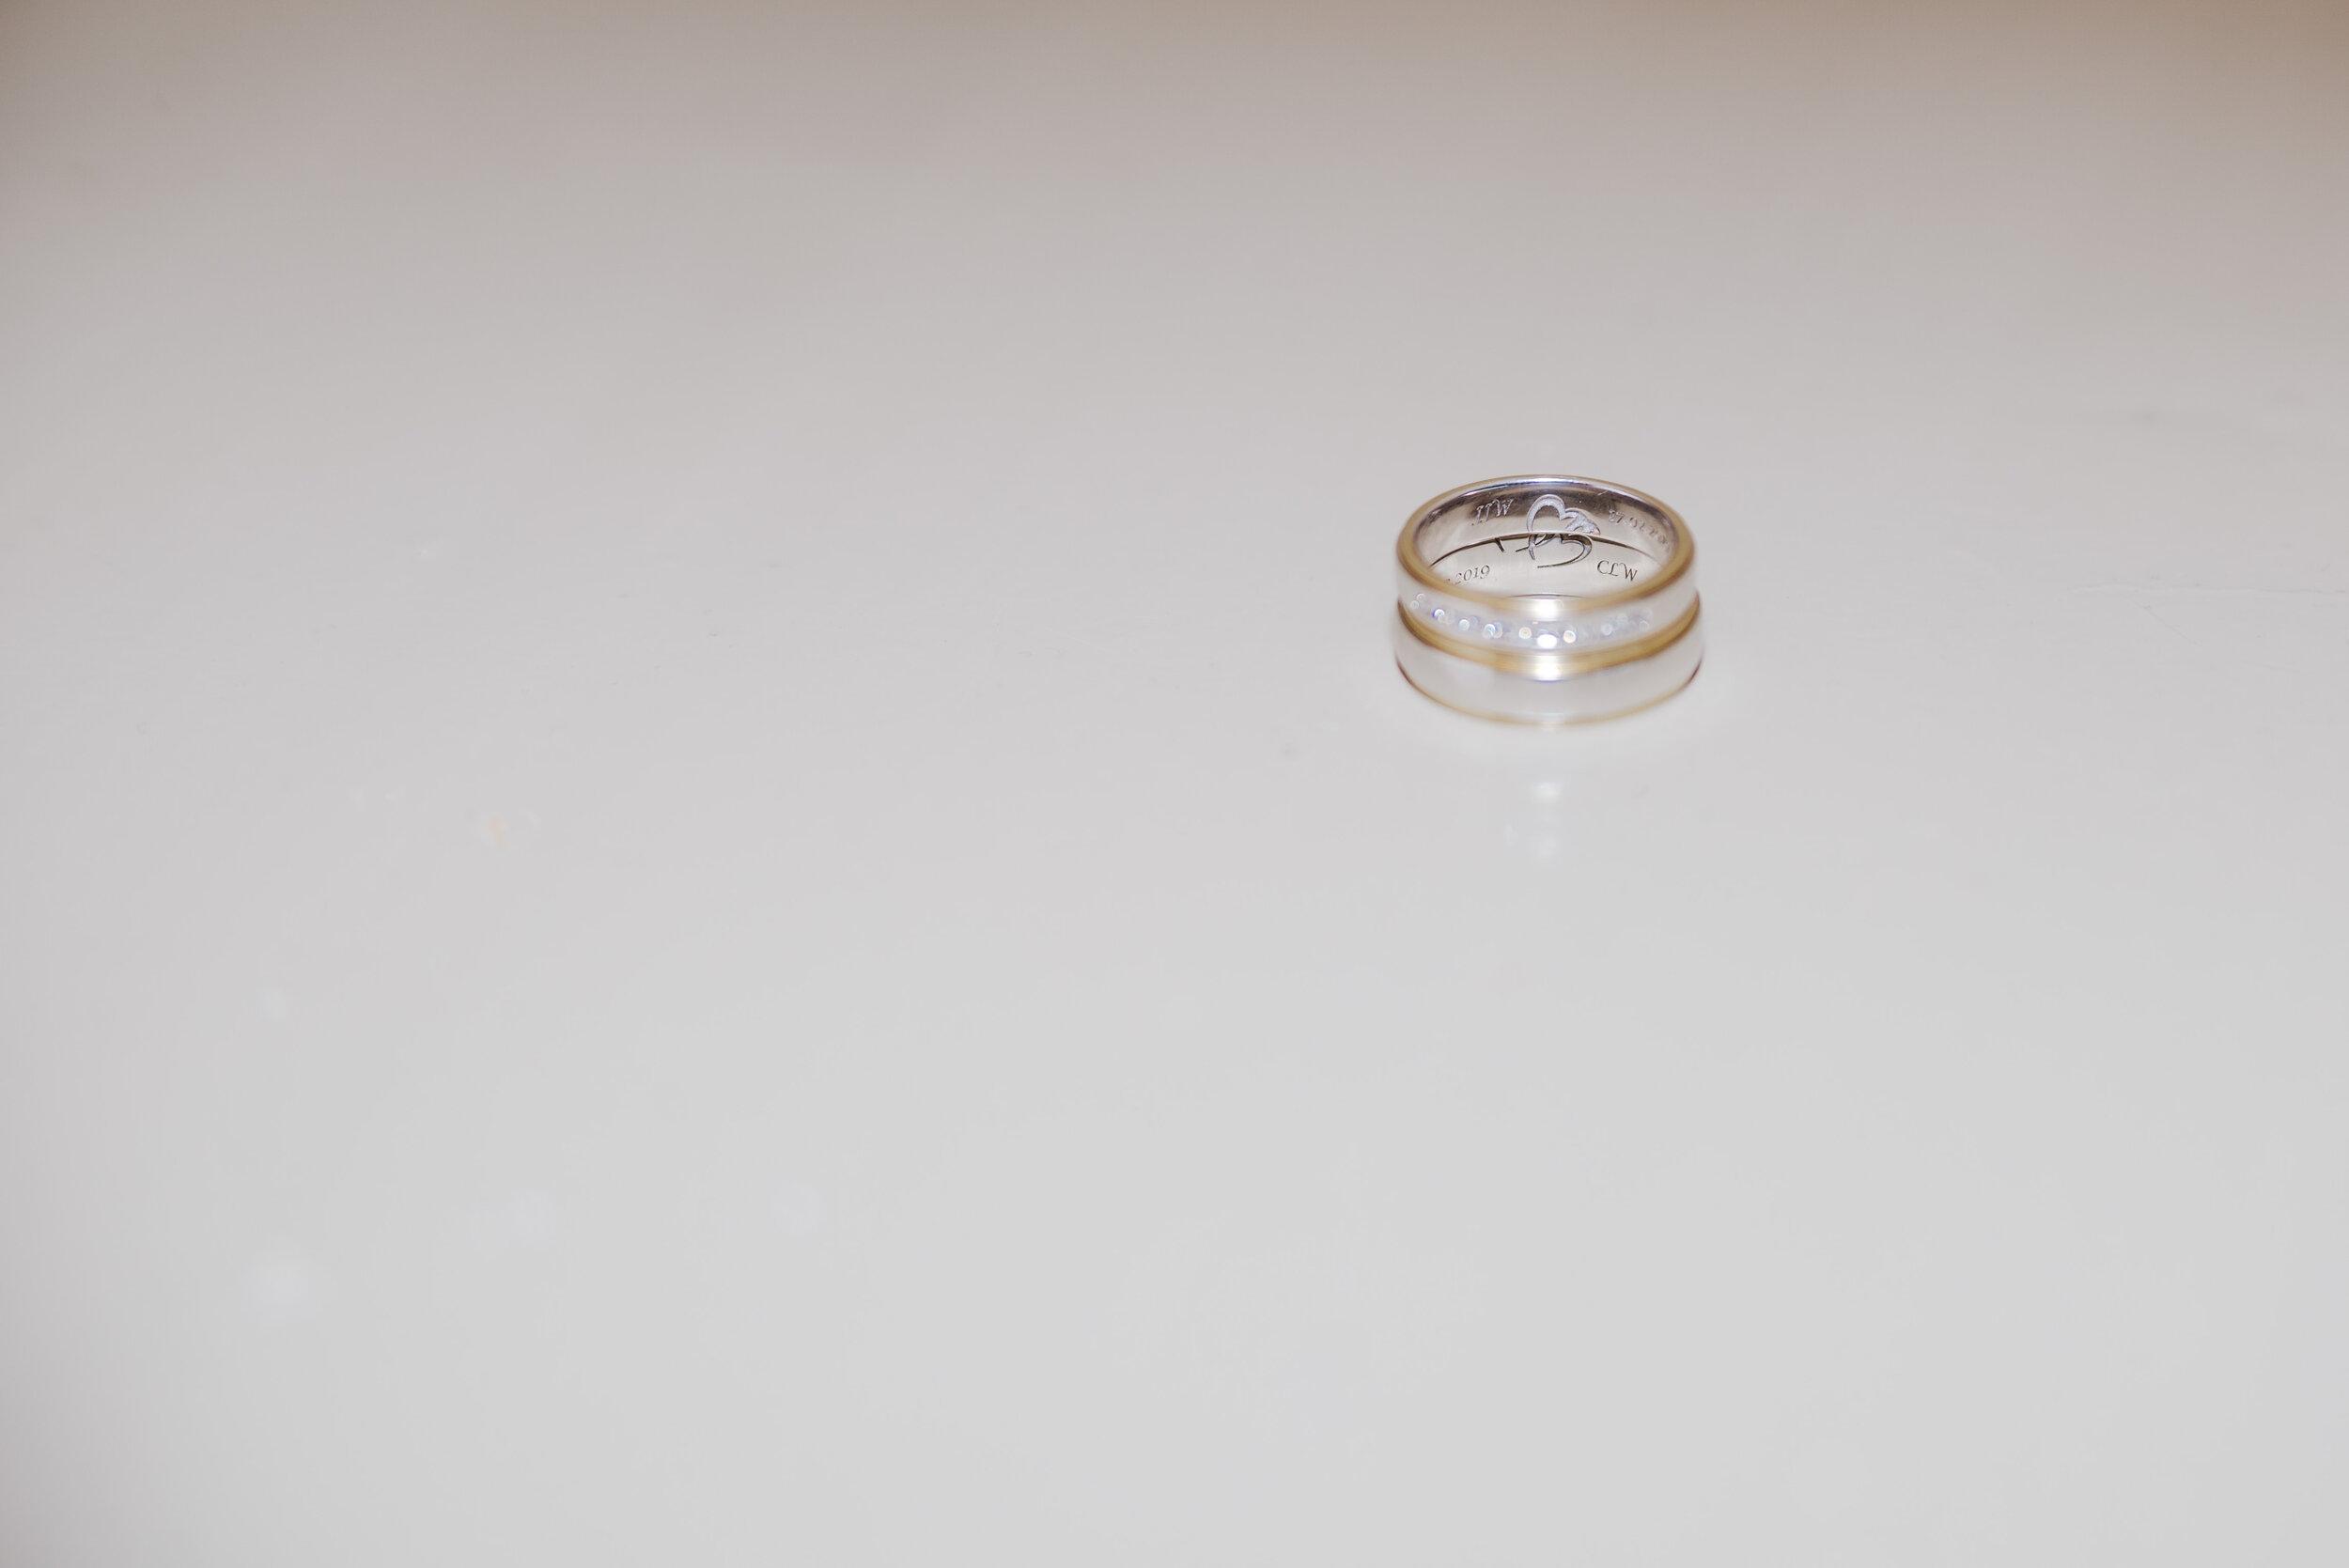 SUFFOLK_WEDDING_PHOTOGRAPHY_ISAACS_WEDDING_VENUE_WEDDINGPHOTOGRAPHERNEARME_iPSWICHWEDDINGPHOTOGRAPHER (42).jpg